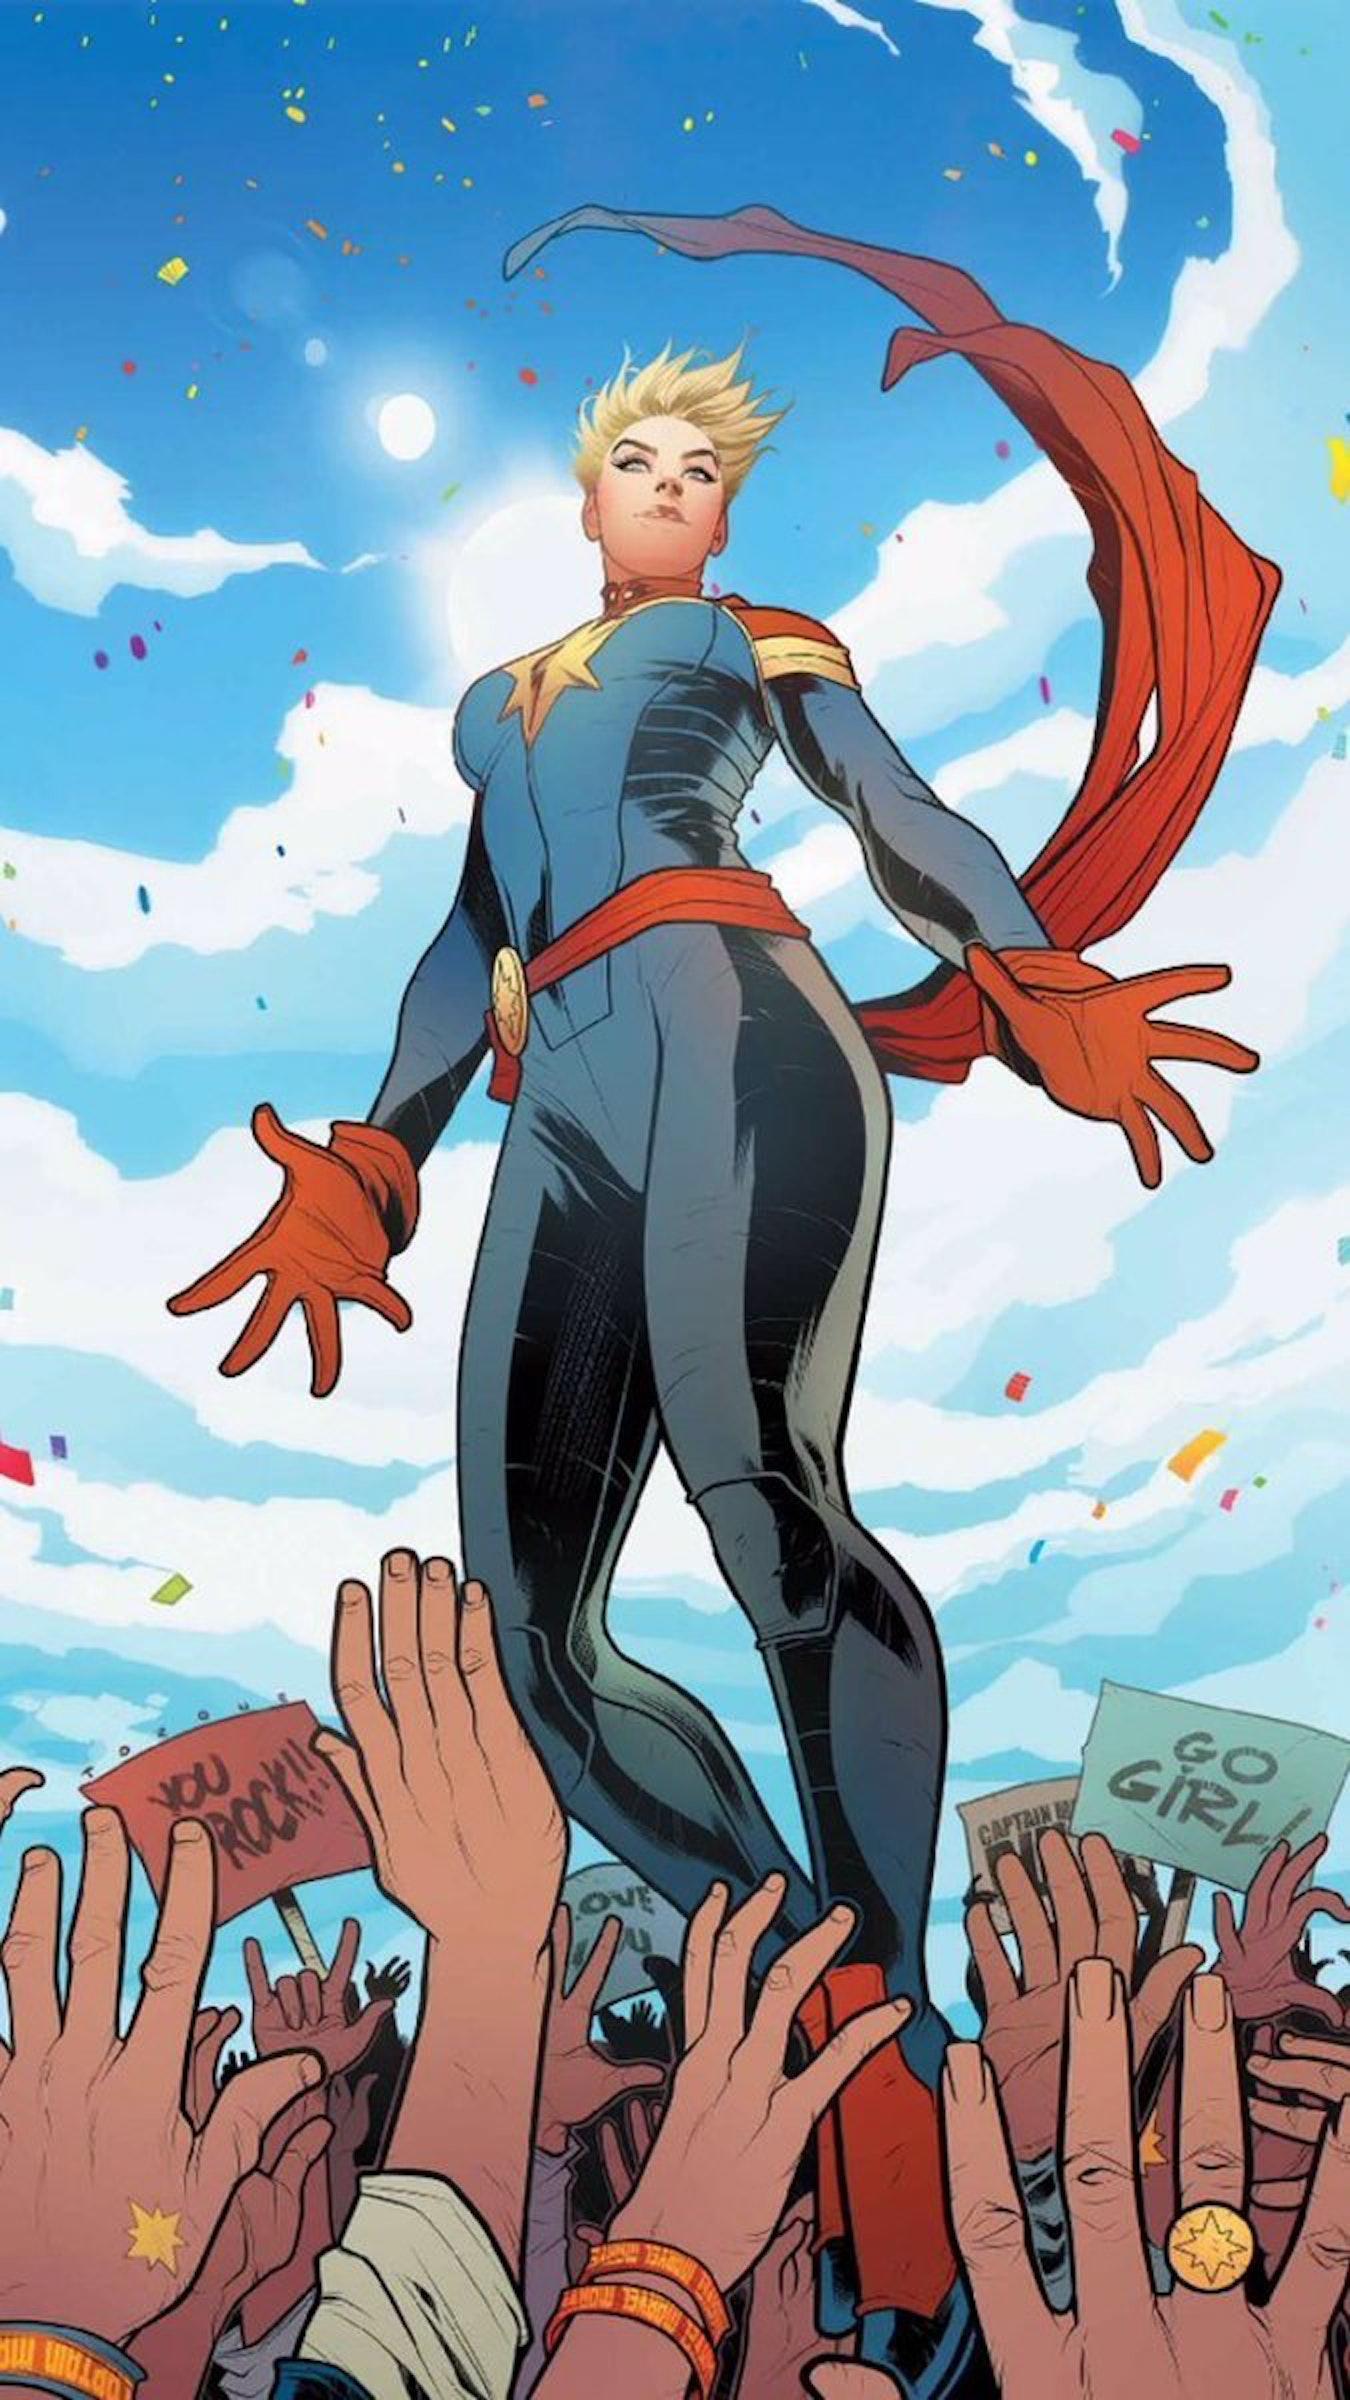 Captain Marvel cover for Marvel Comics